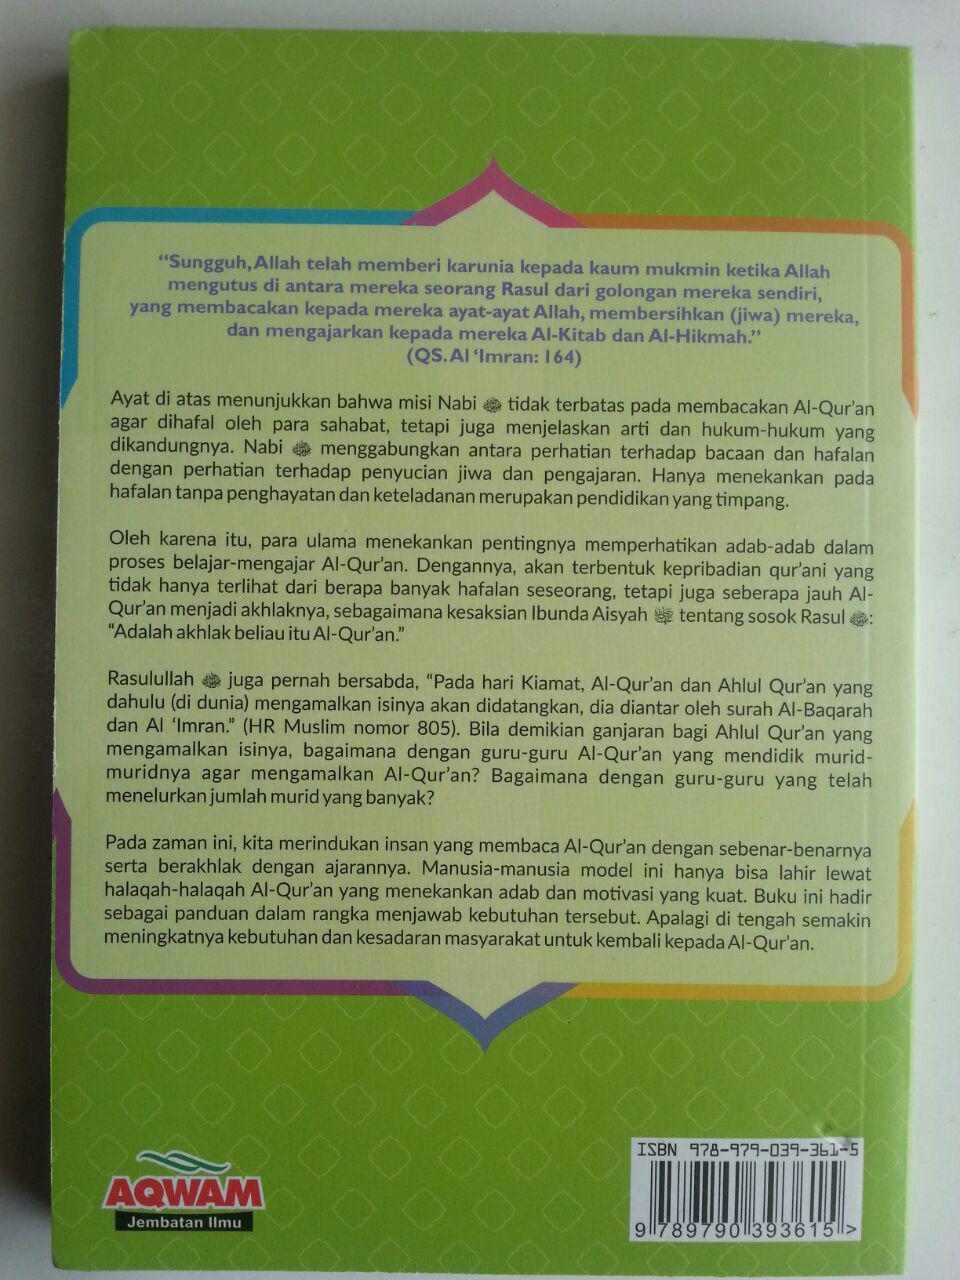 Buku Adab-Adab Halaqah Al-Qur'an Belajar Dari Tradisi Ulama cover